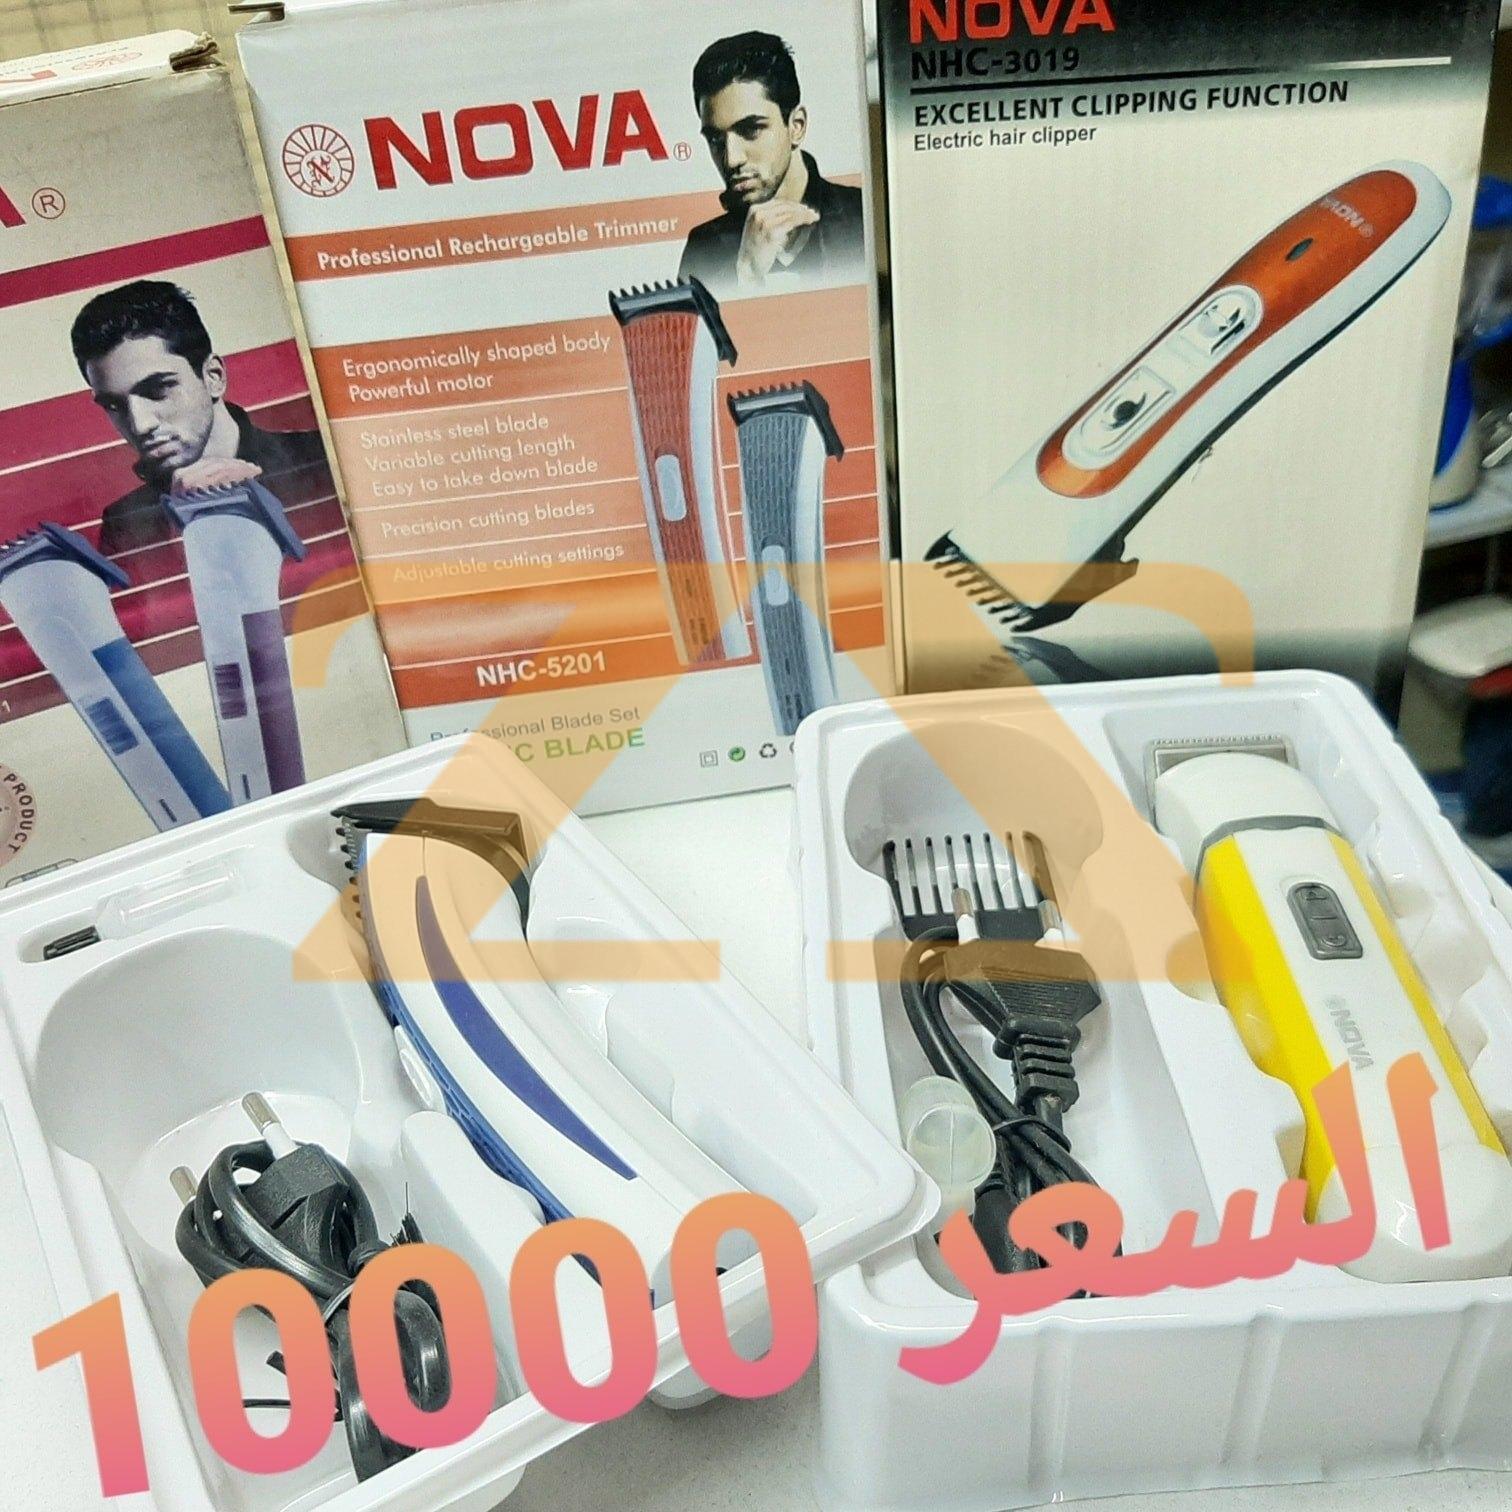 ماكينة حلاقة نوفا